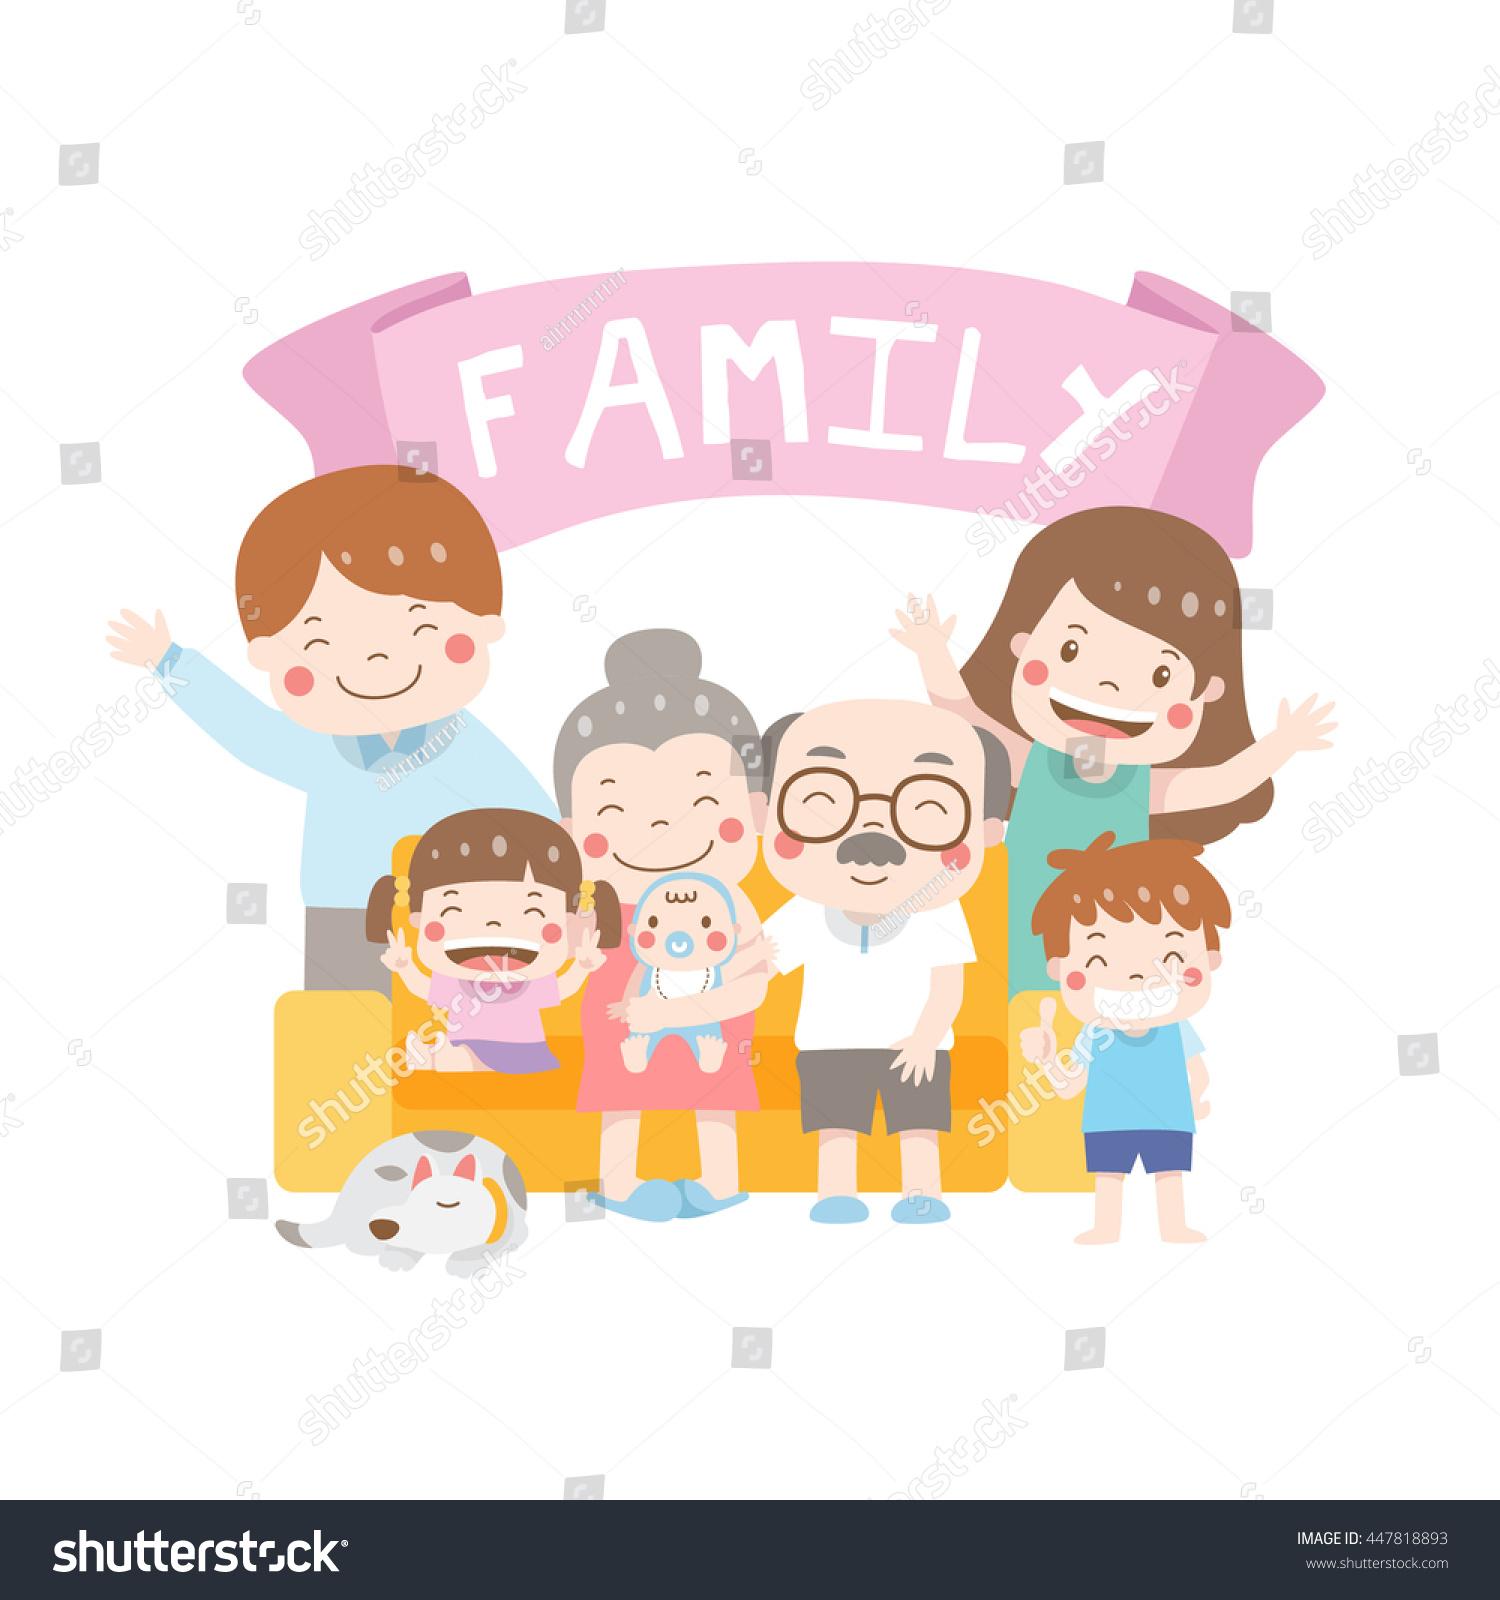 Happy Family Day Cartoon Vector Illustration Stock Vector Royalty Free 447818893